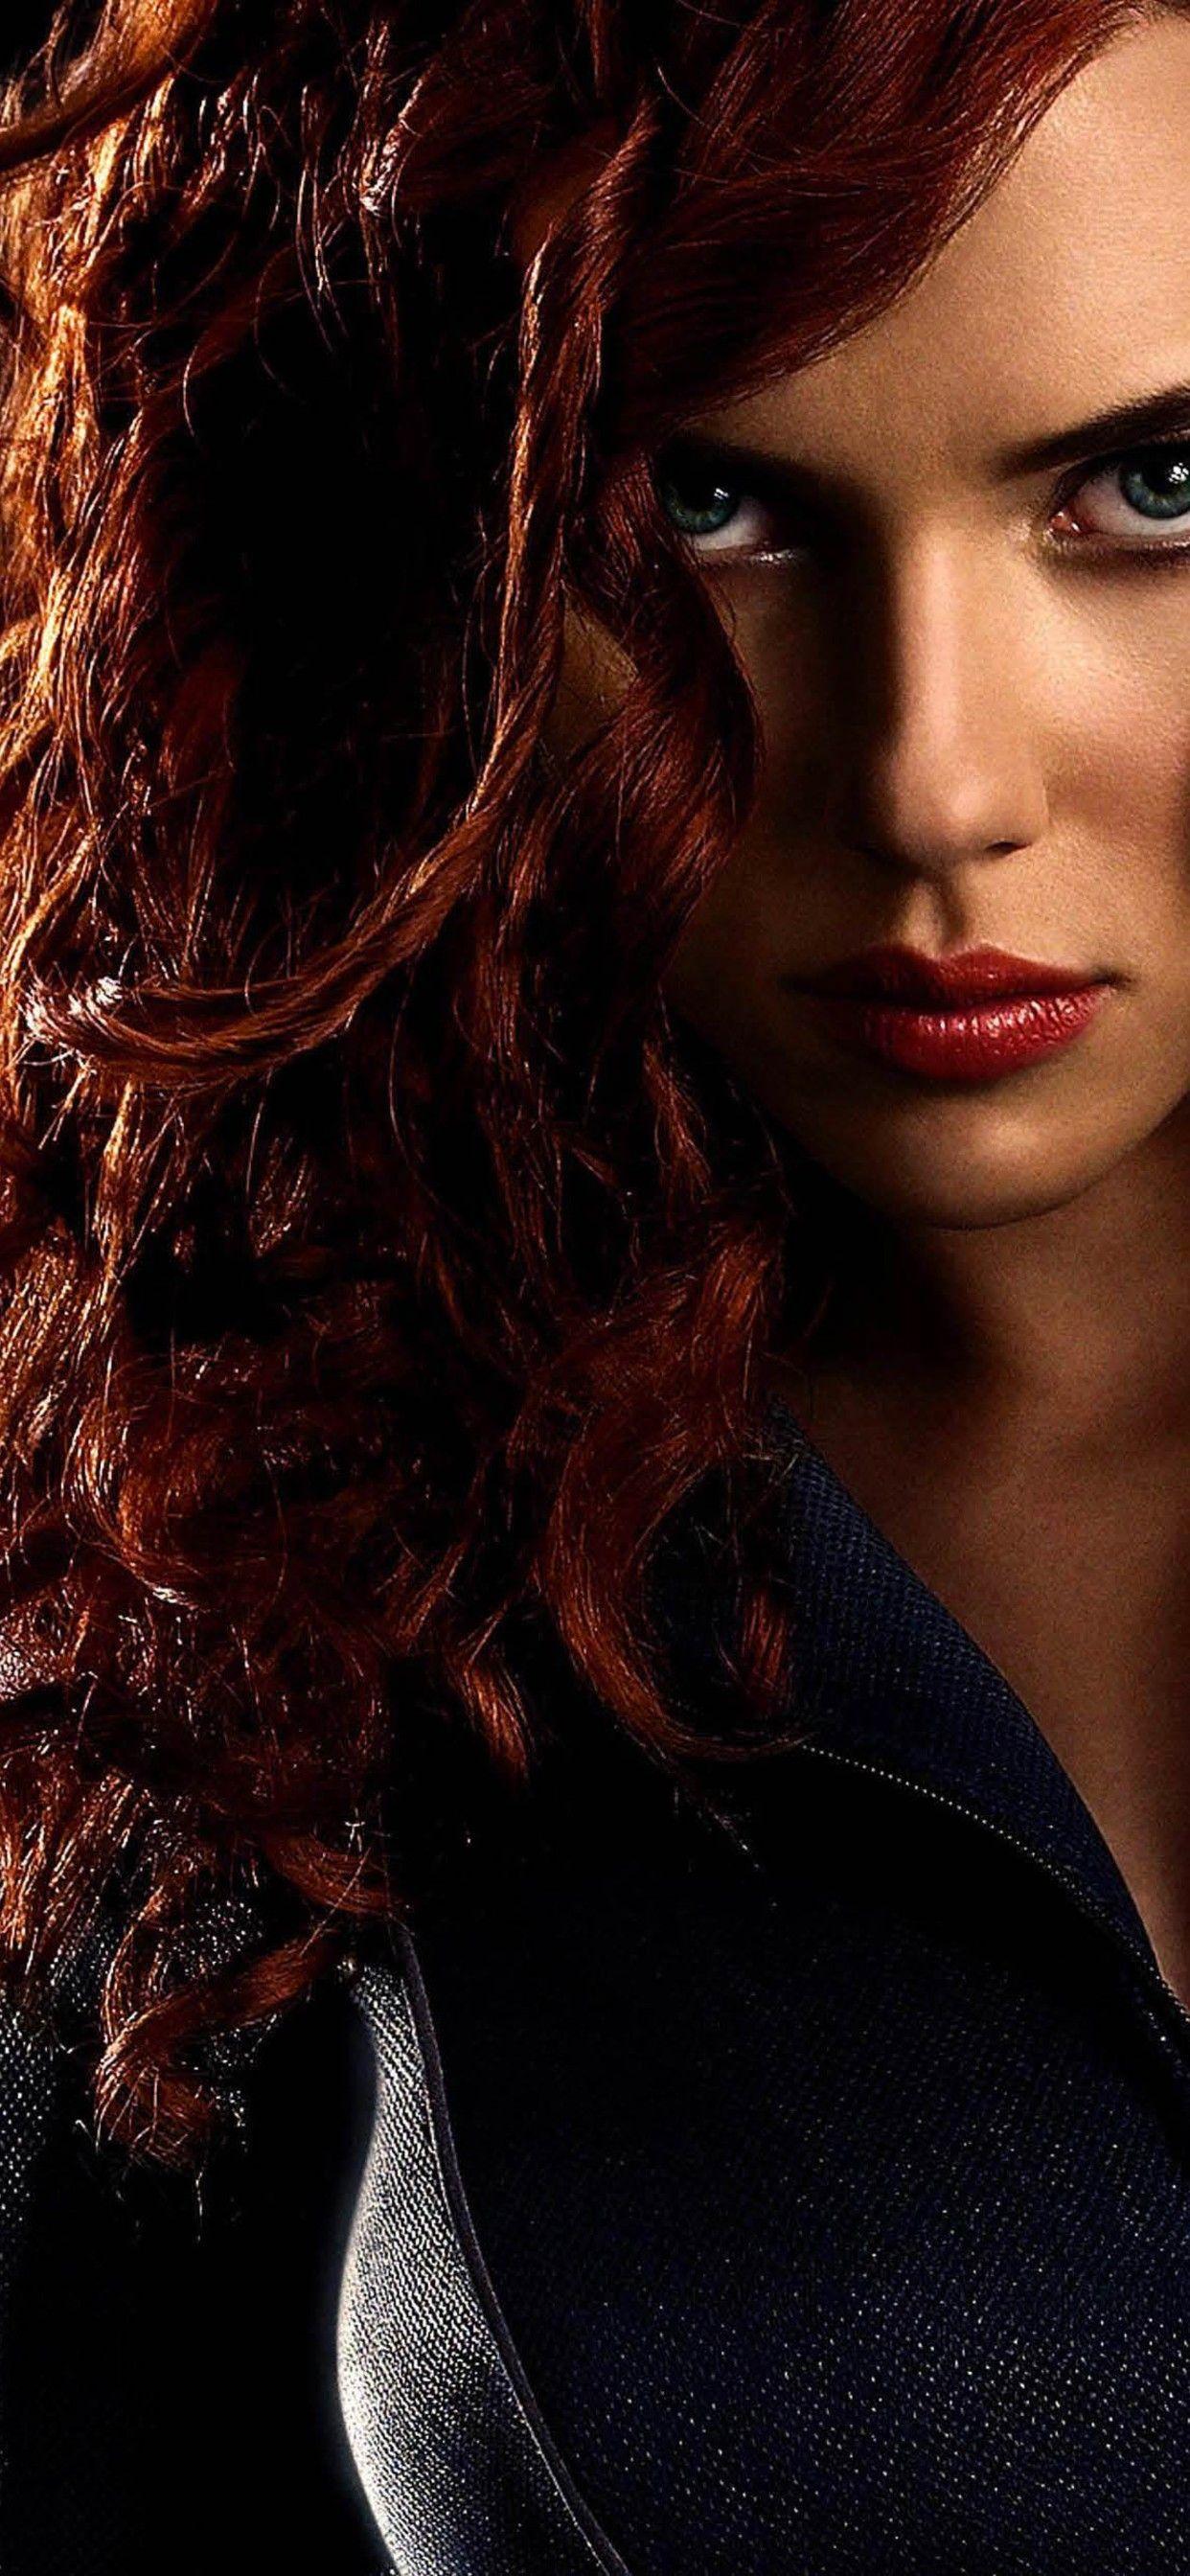 1242x2688 Scarlett Johansson Black Widow 4k Iphone Xs Max Hd 4k